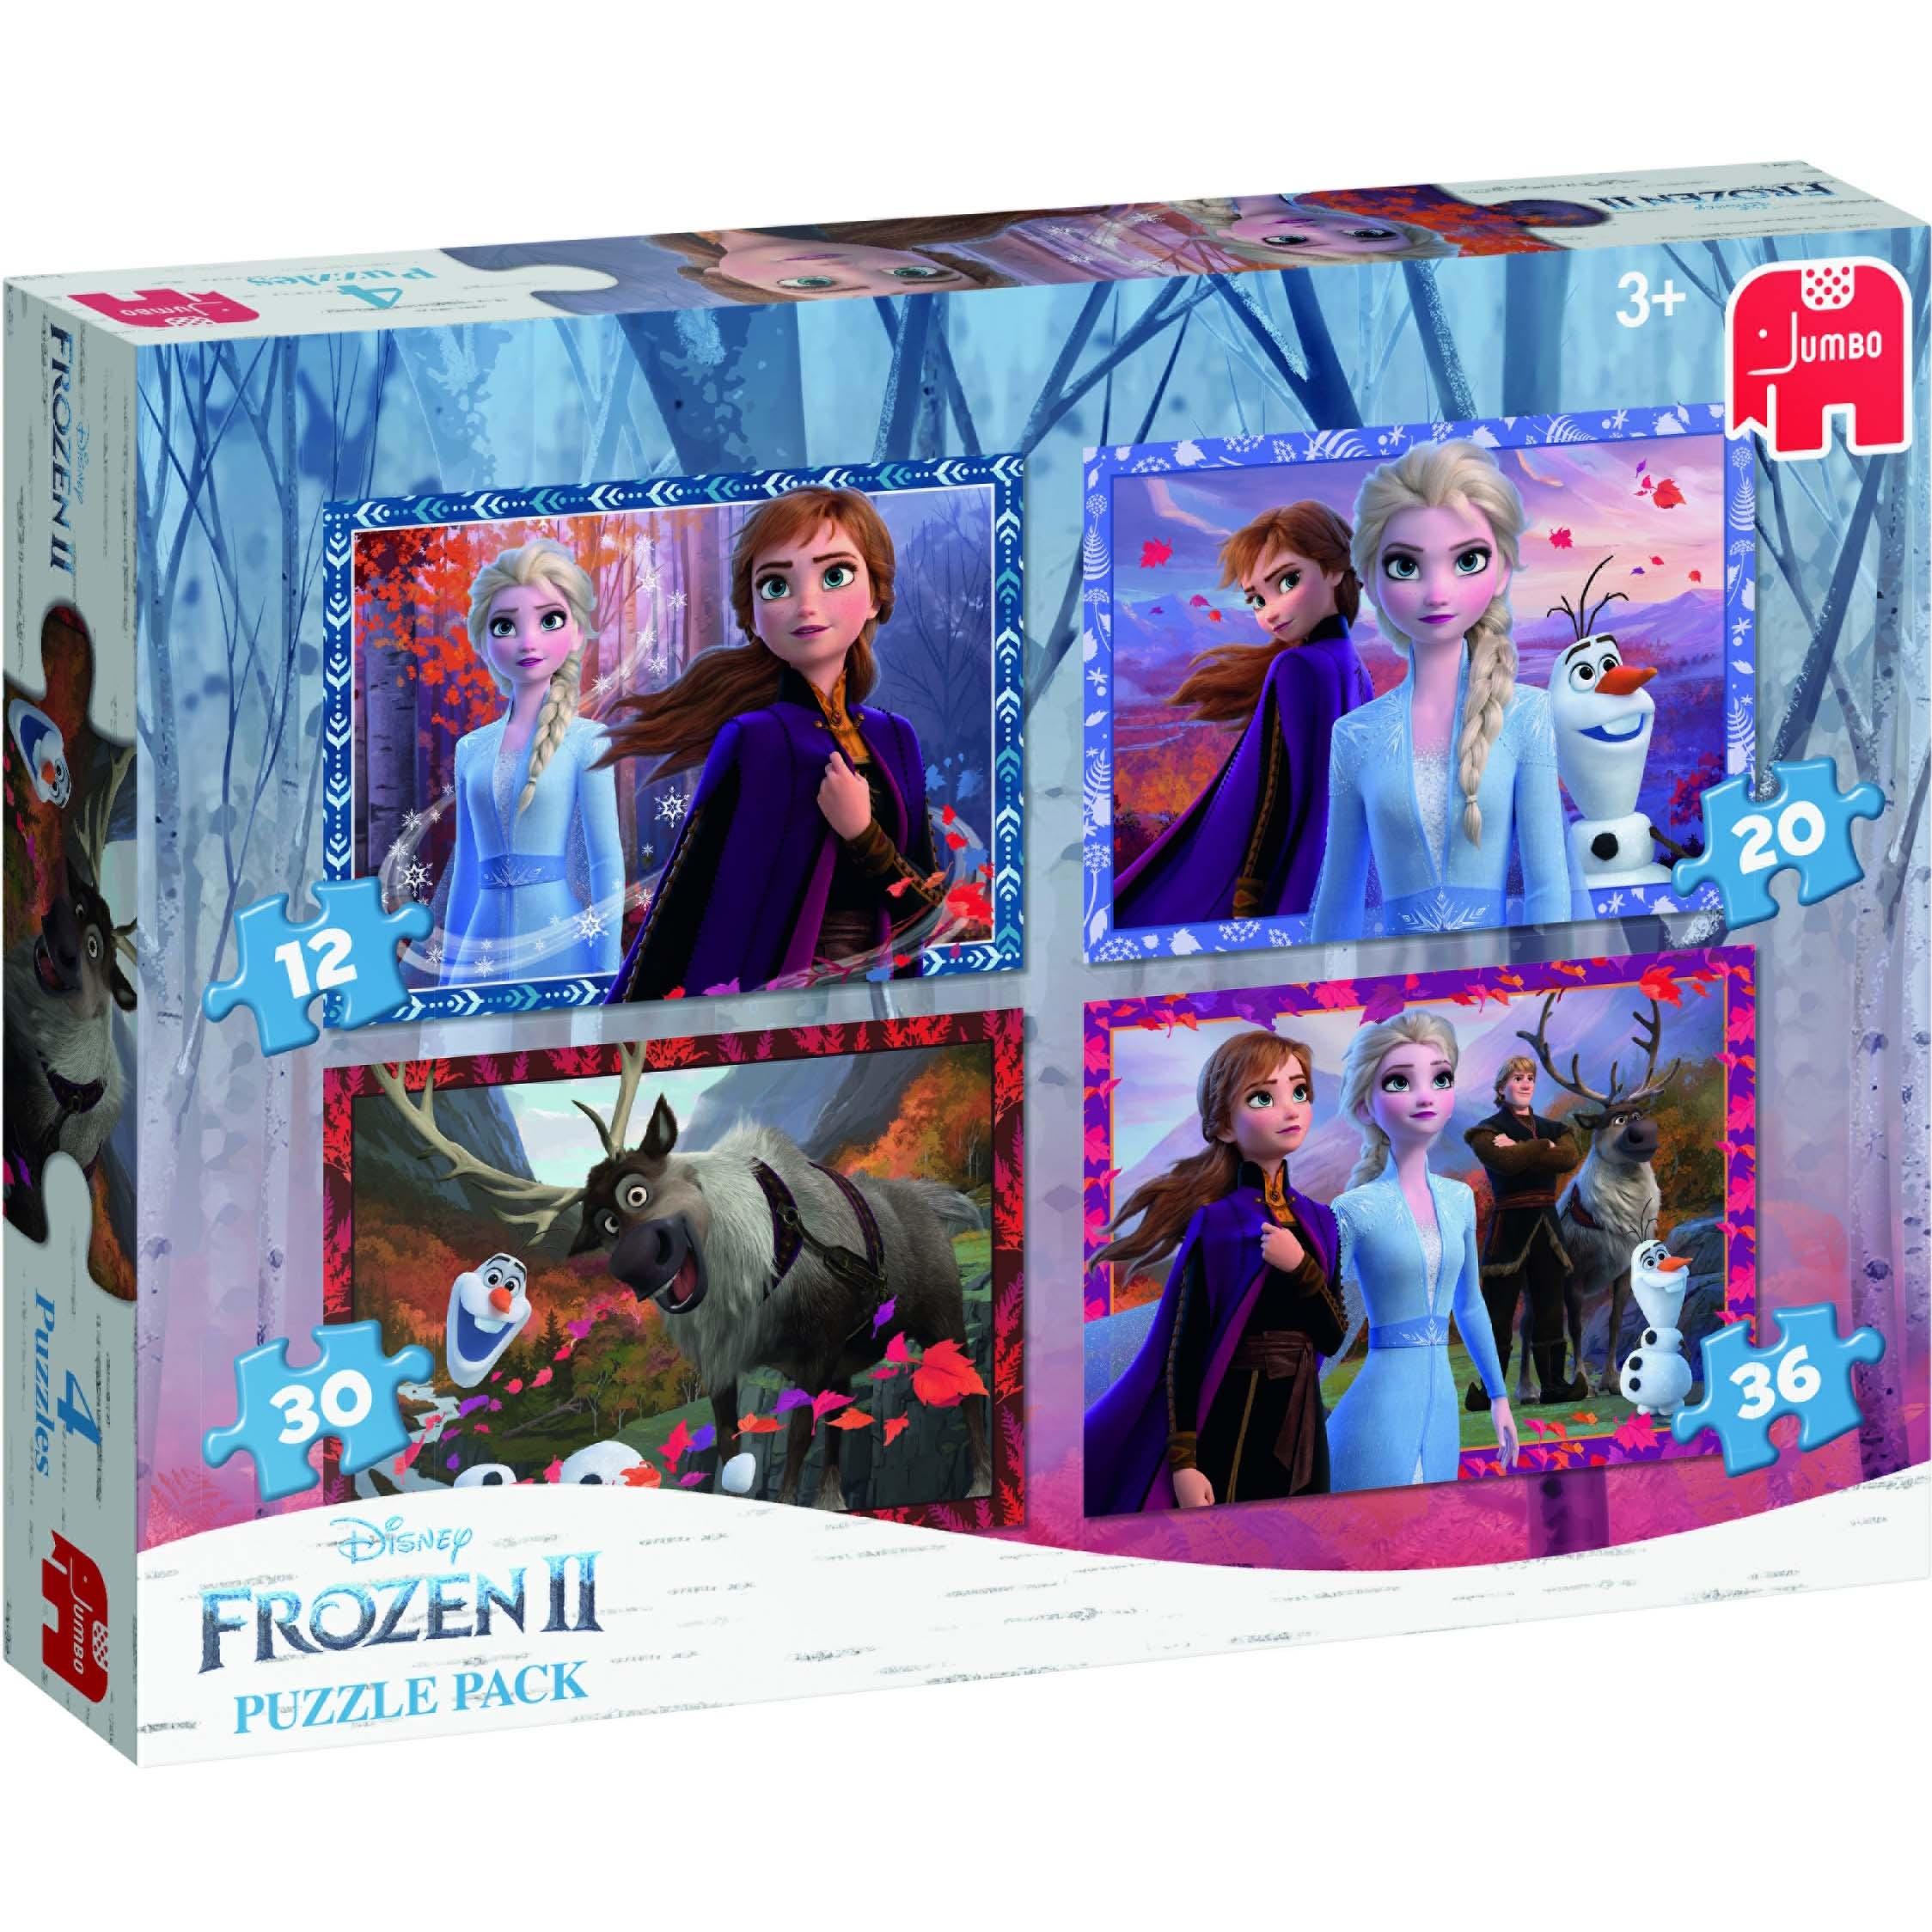 Afbeelding van Puzzel 4 In 1 Pack Disney Frozen 2